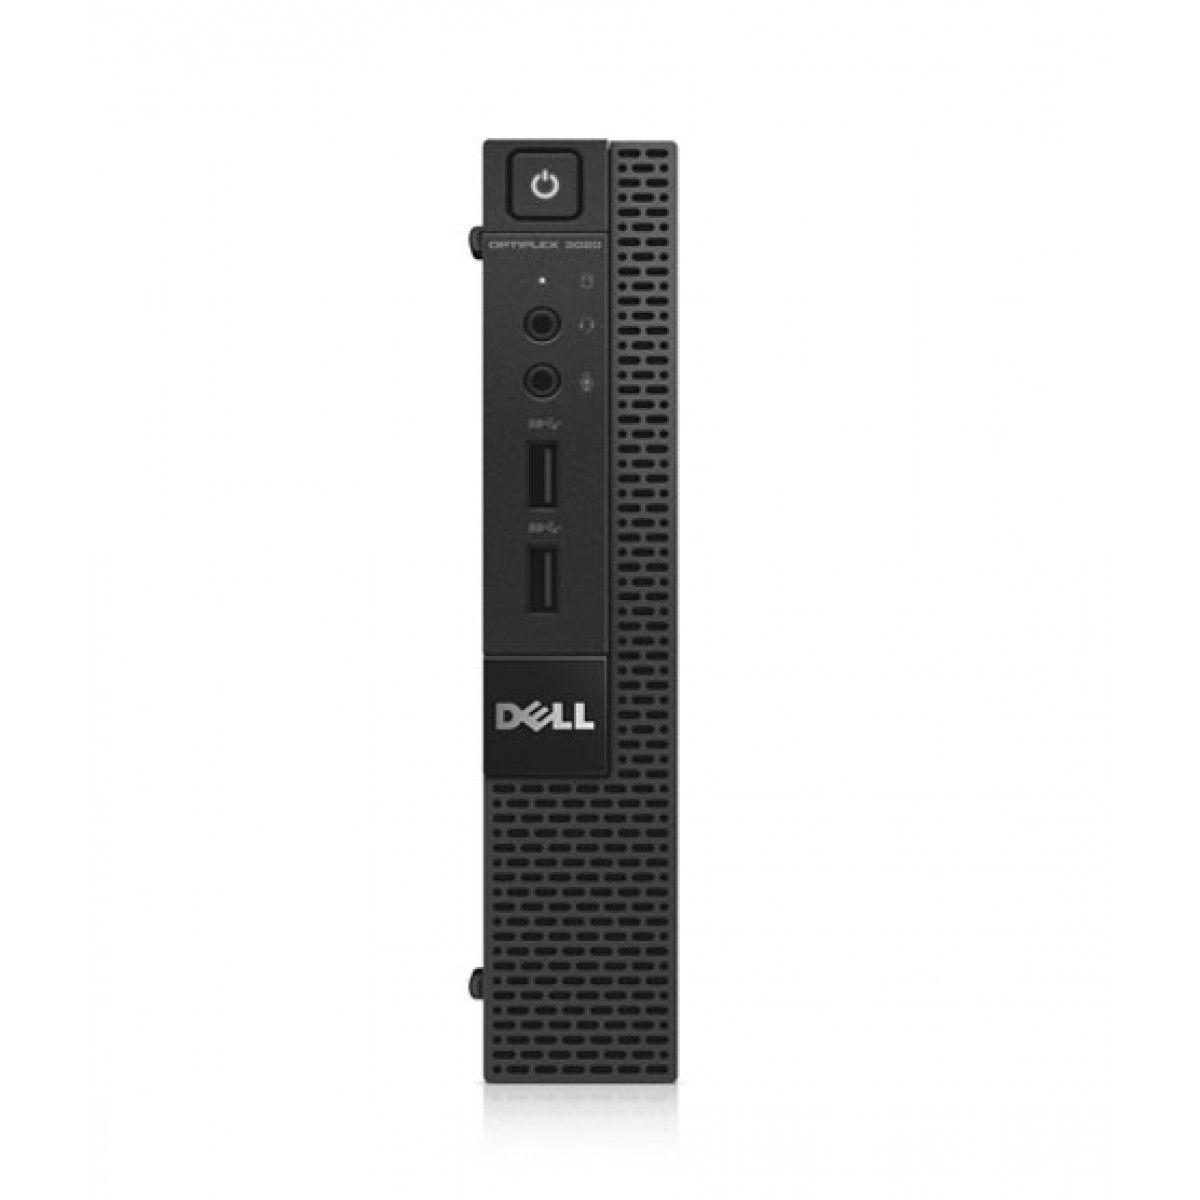 Dell Optiplex (3020M - 4150T) Core i3 Desktop